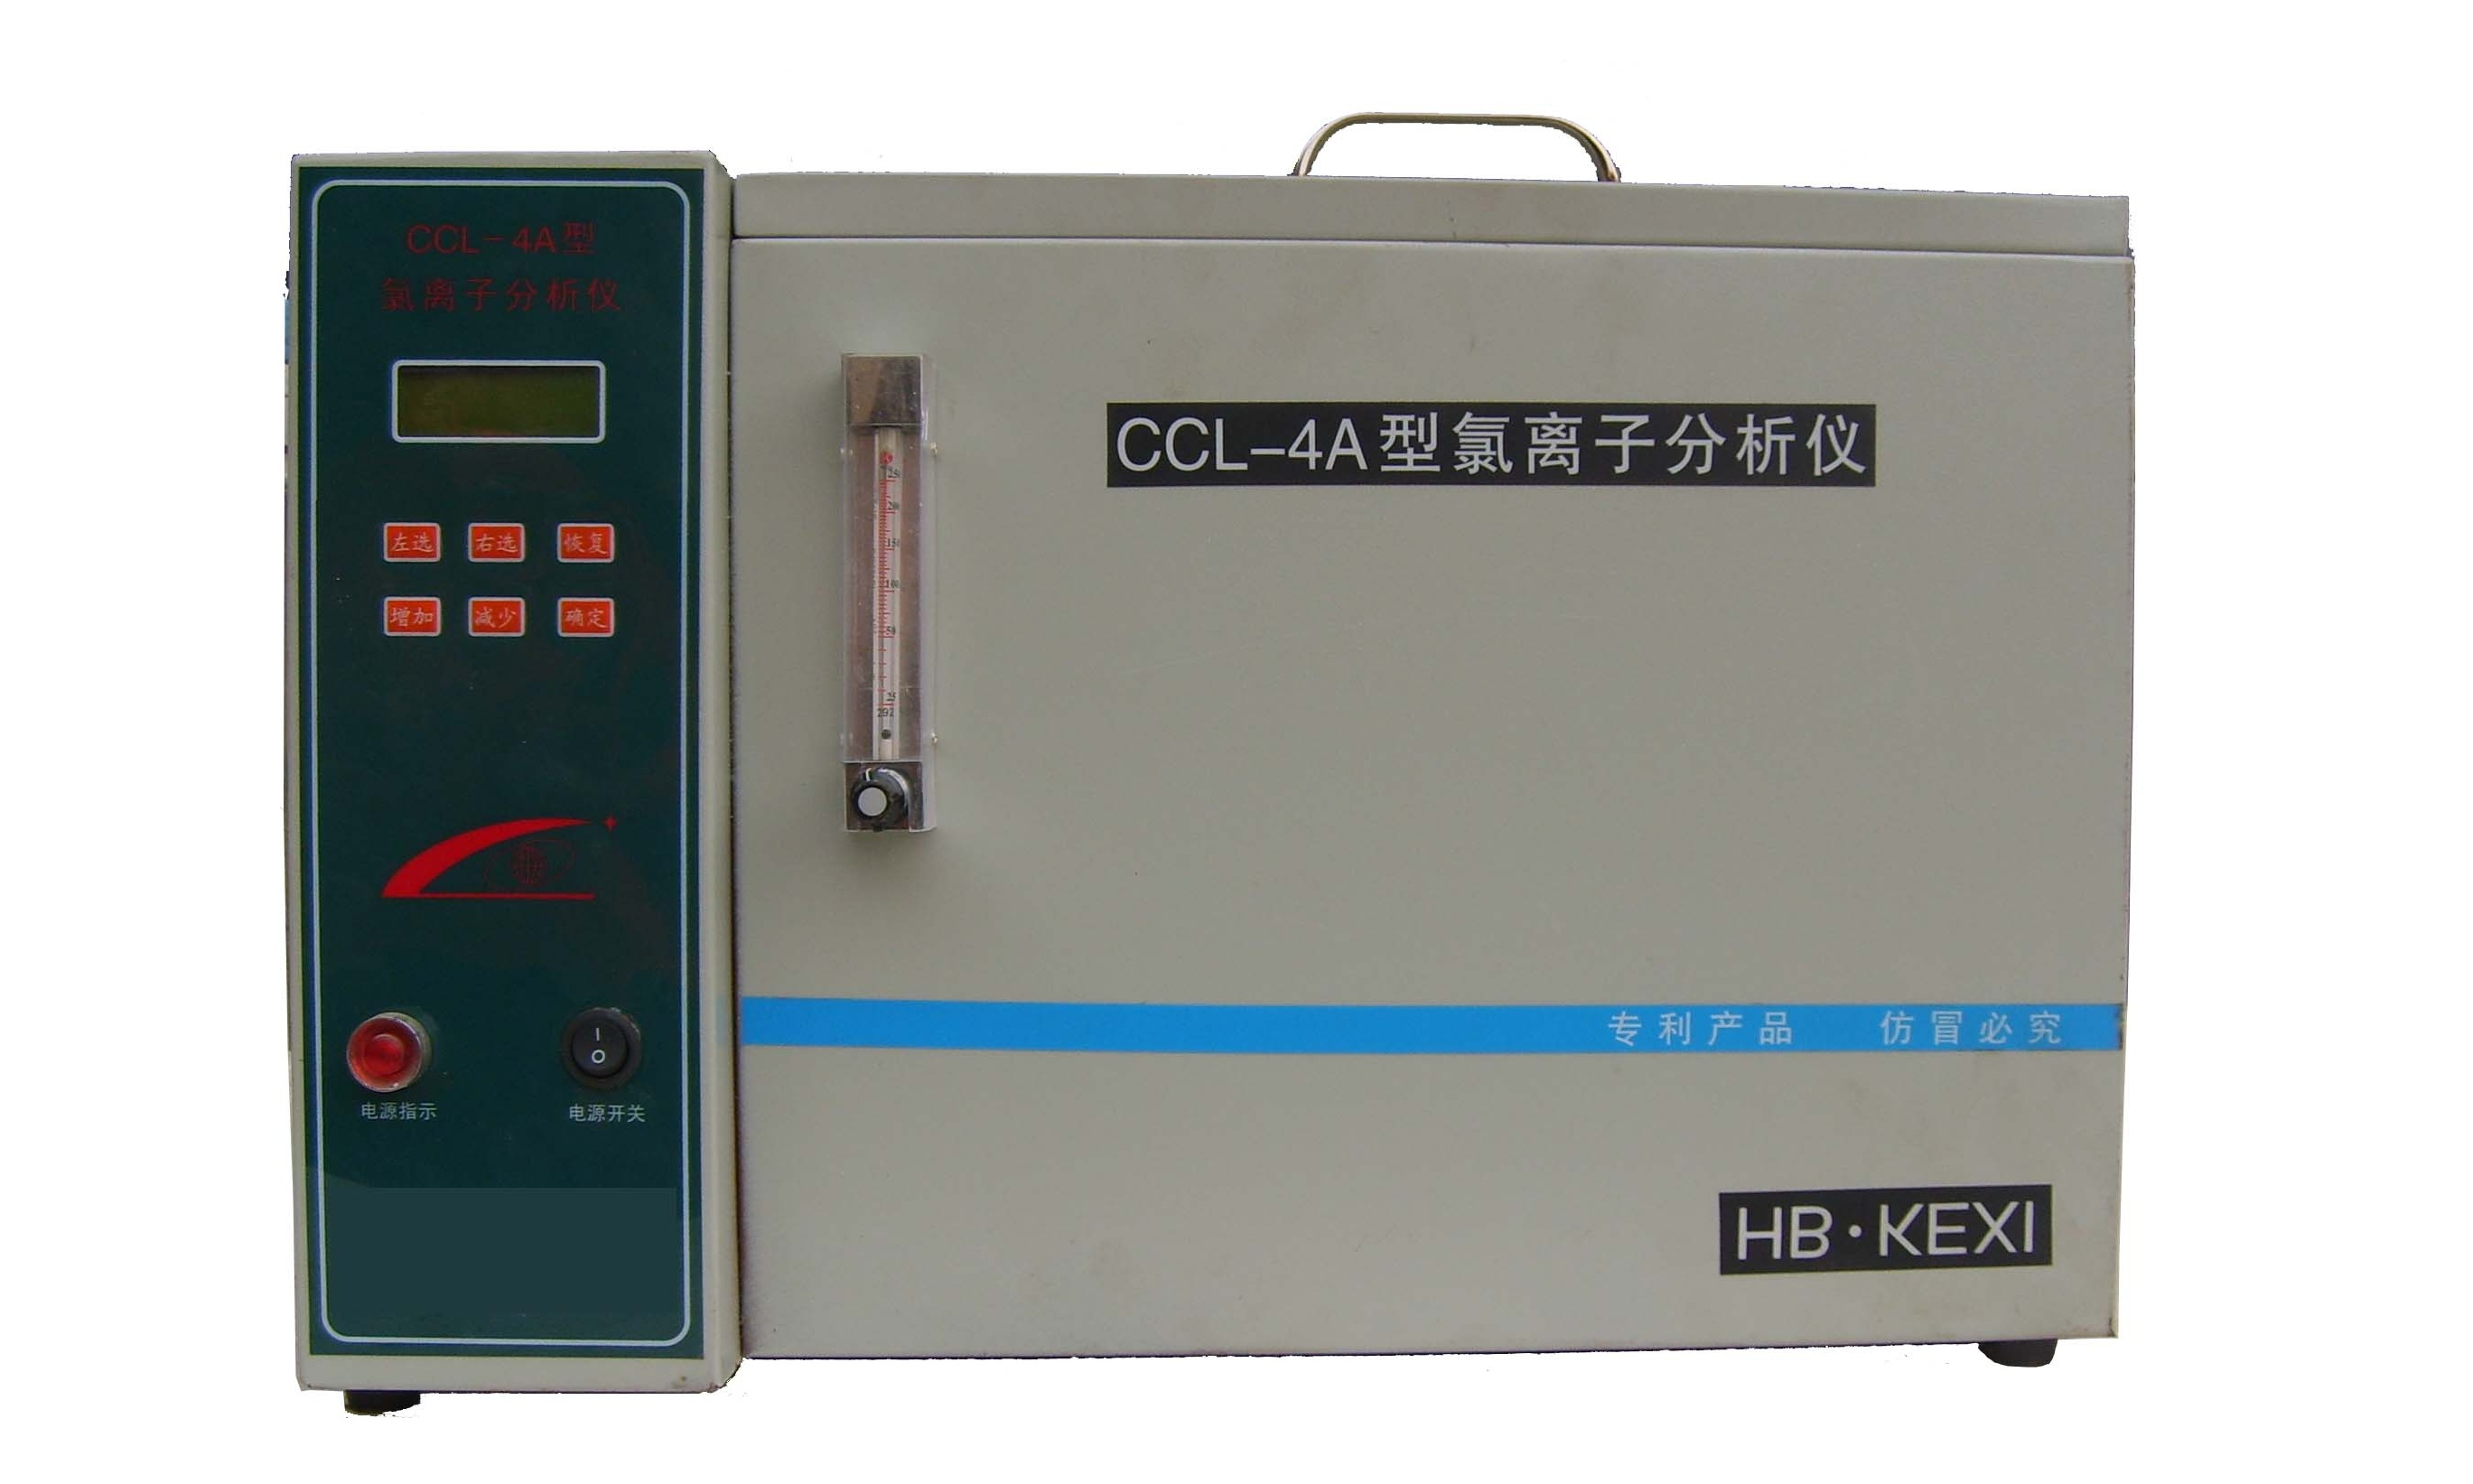 温州医科大学关于微流体系统等6项设备的公开招标公告